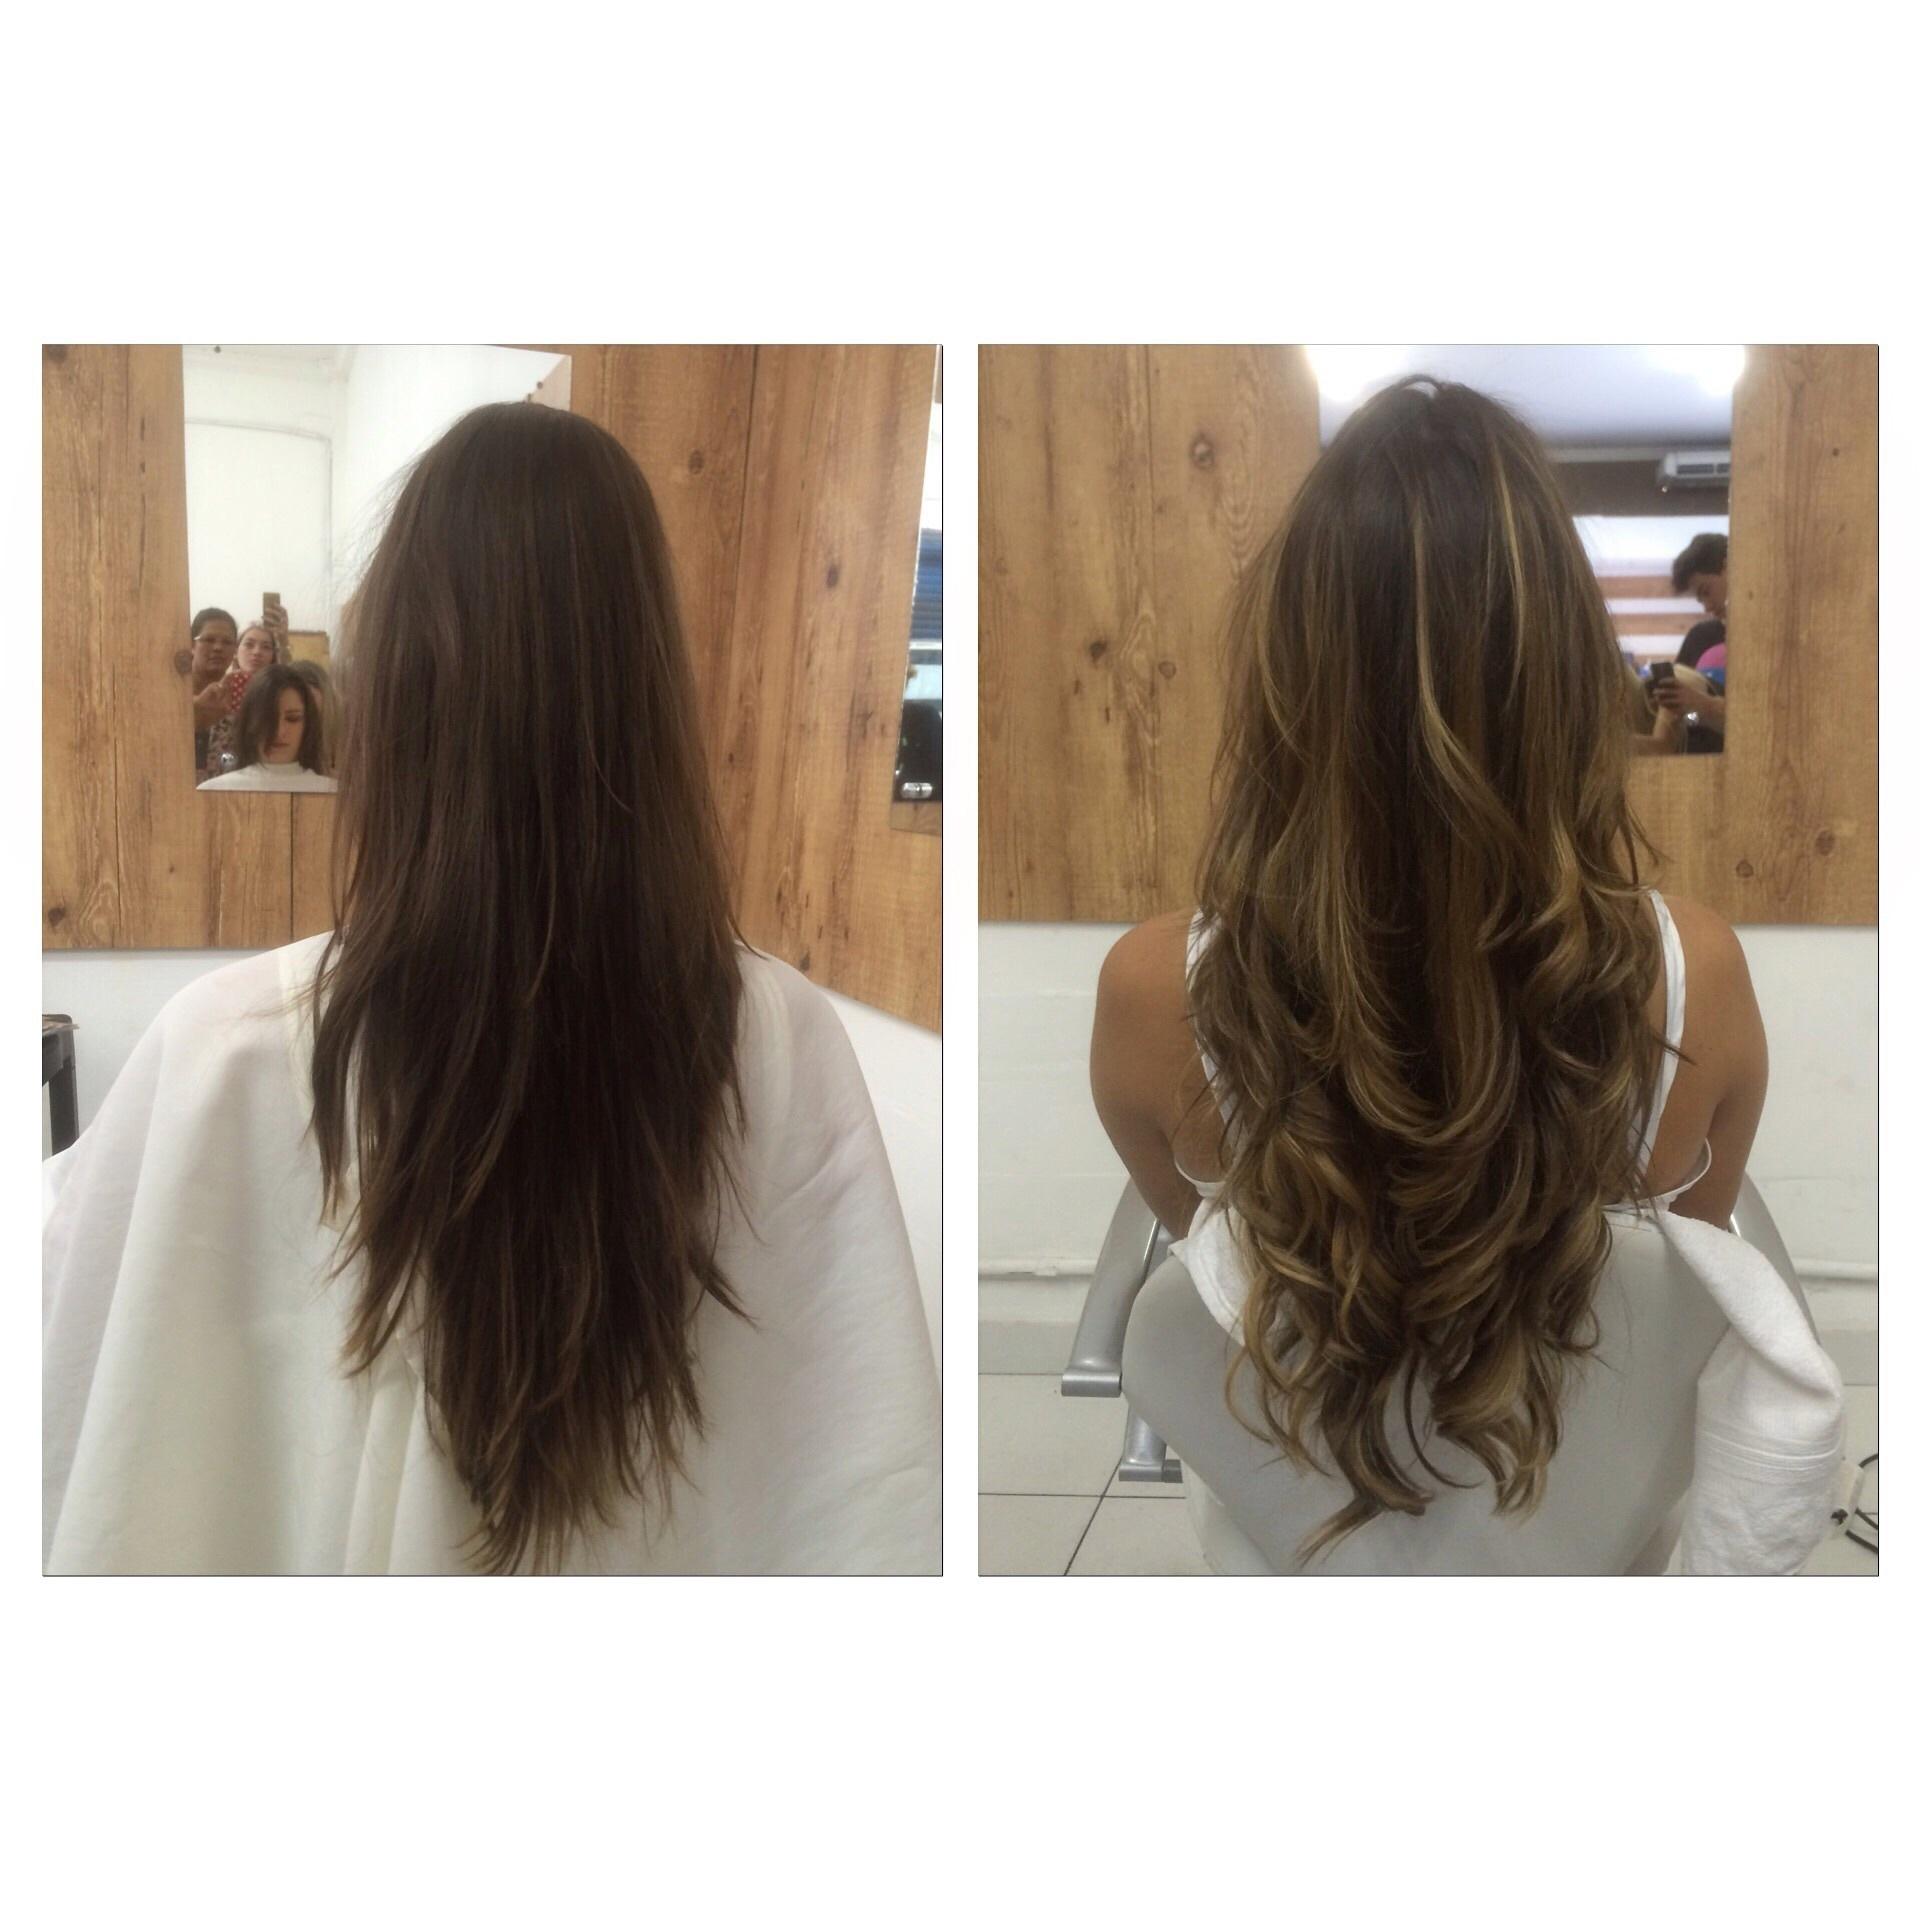 corte camadas, ombré hair, luzes, morenas iluminadas cabelo  cabeleireiro(a)